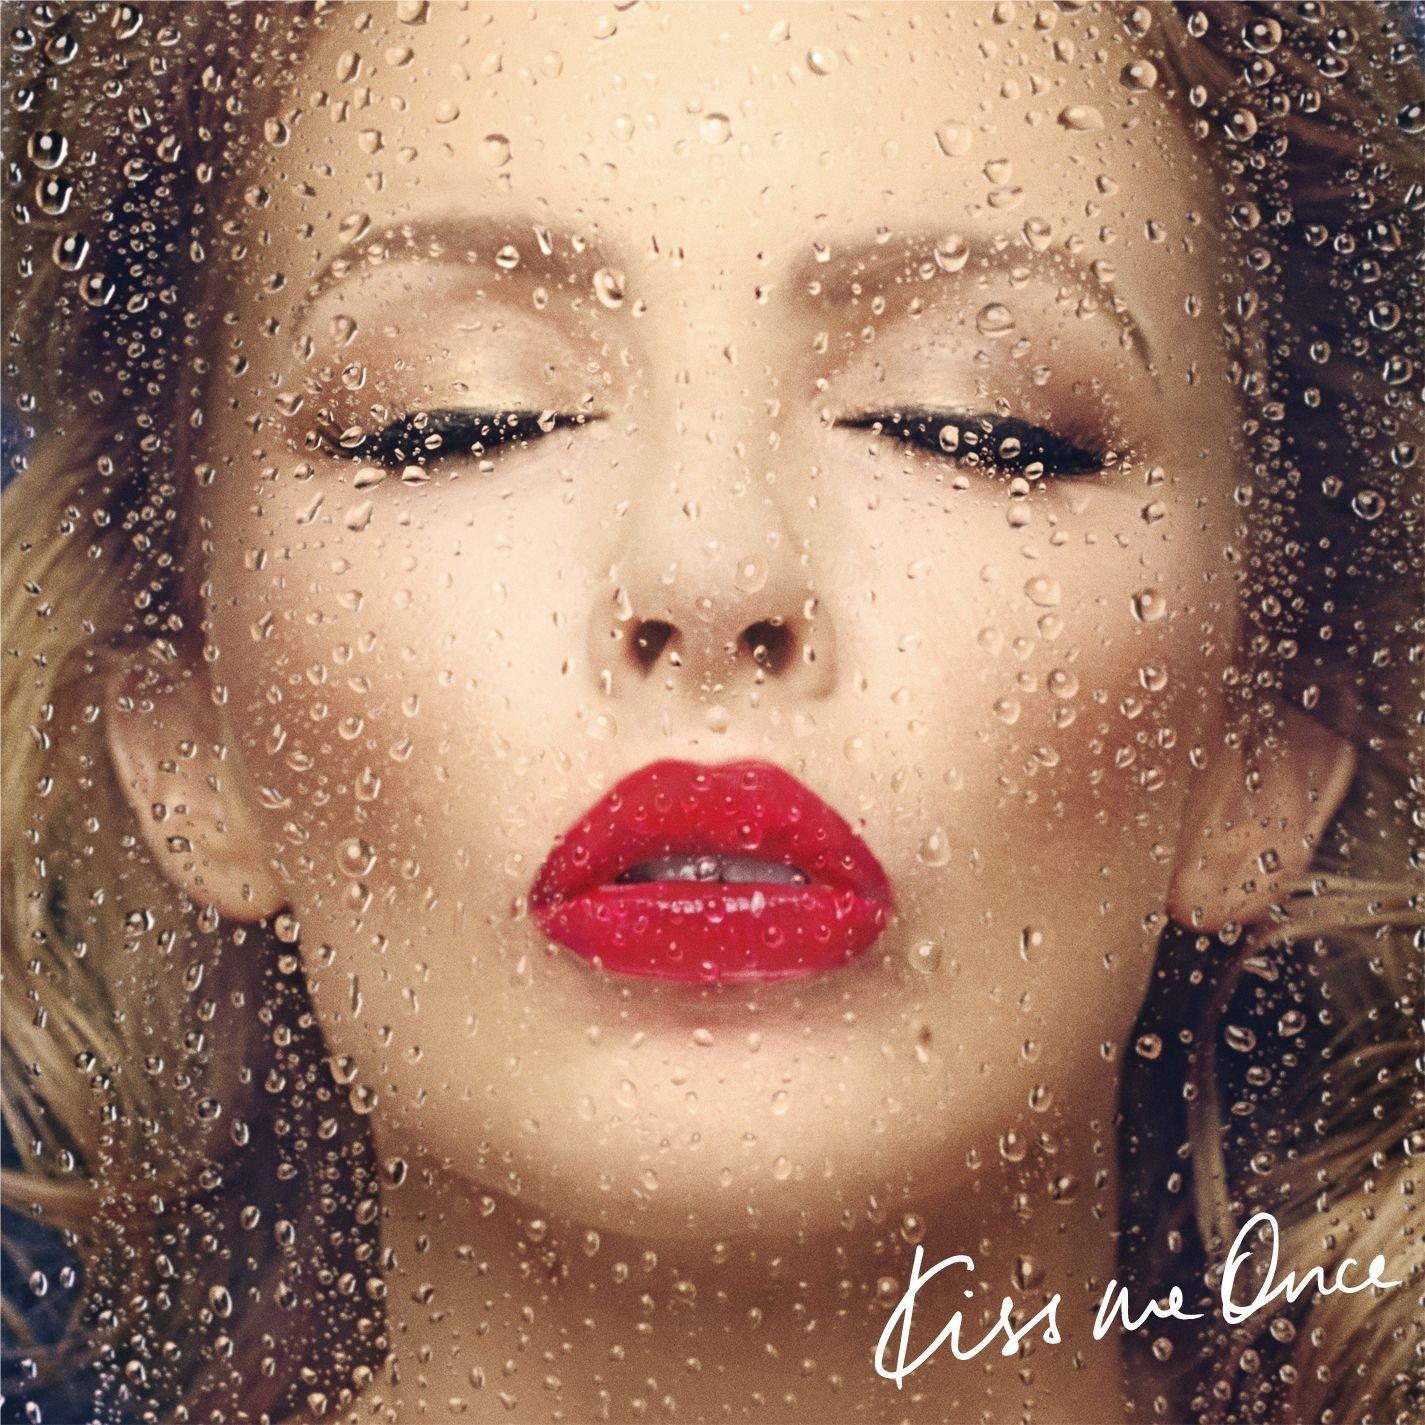 Édition LP Kylie Minogue - Kiss Me Once (vinyle + CD + version numérique)